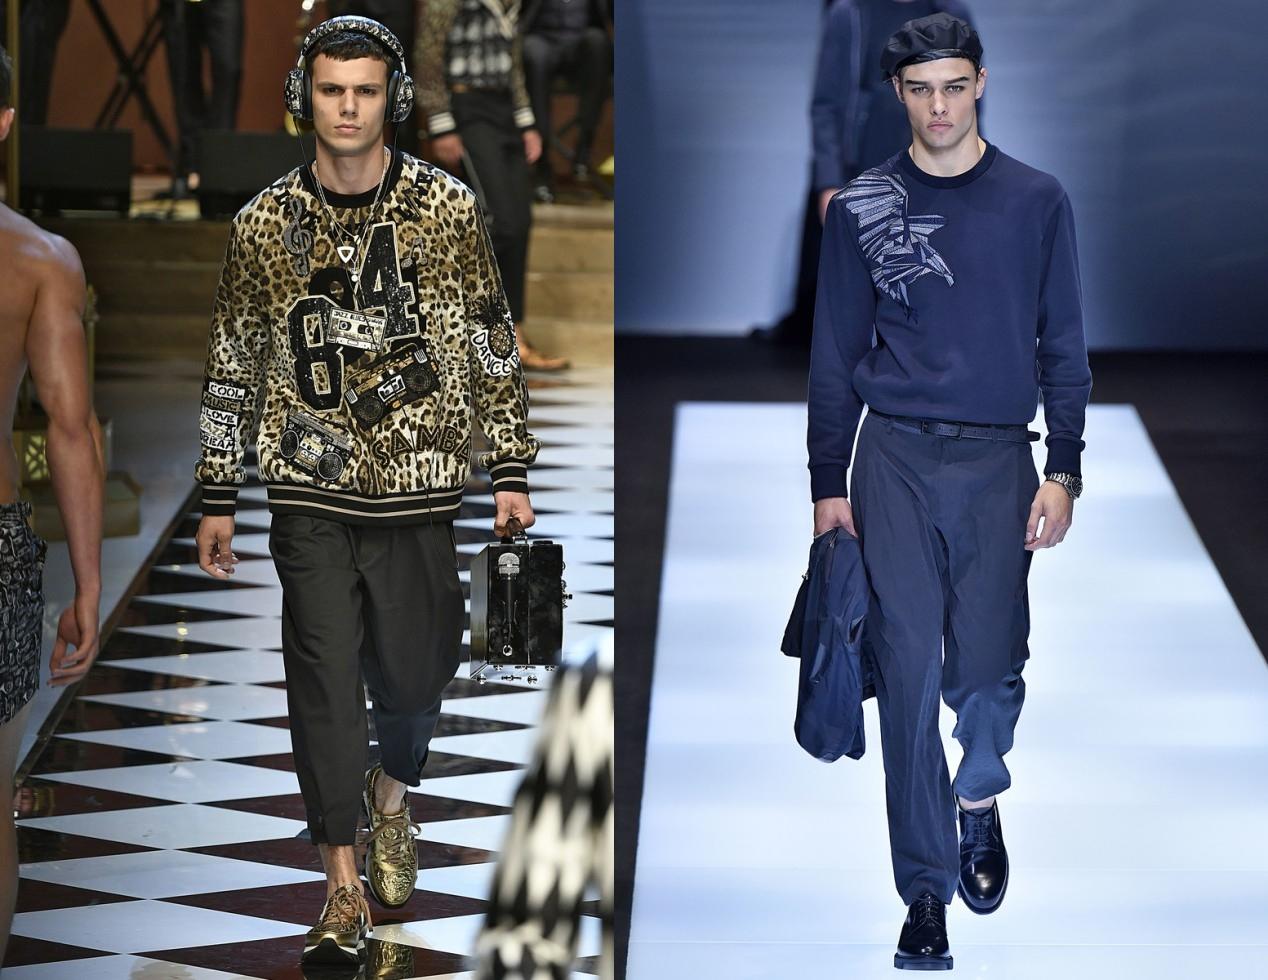 roupa-masculina-2017-roupa-2017-moda-masculina-tendencia-masculina-blogger-blog-de-moda-fashion-blogger-alex-cursino-moda-sem-censura-dicas-de-moda-dicas-de-estilo-youtuber